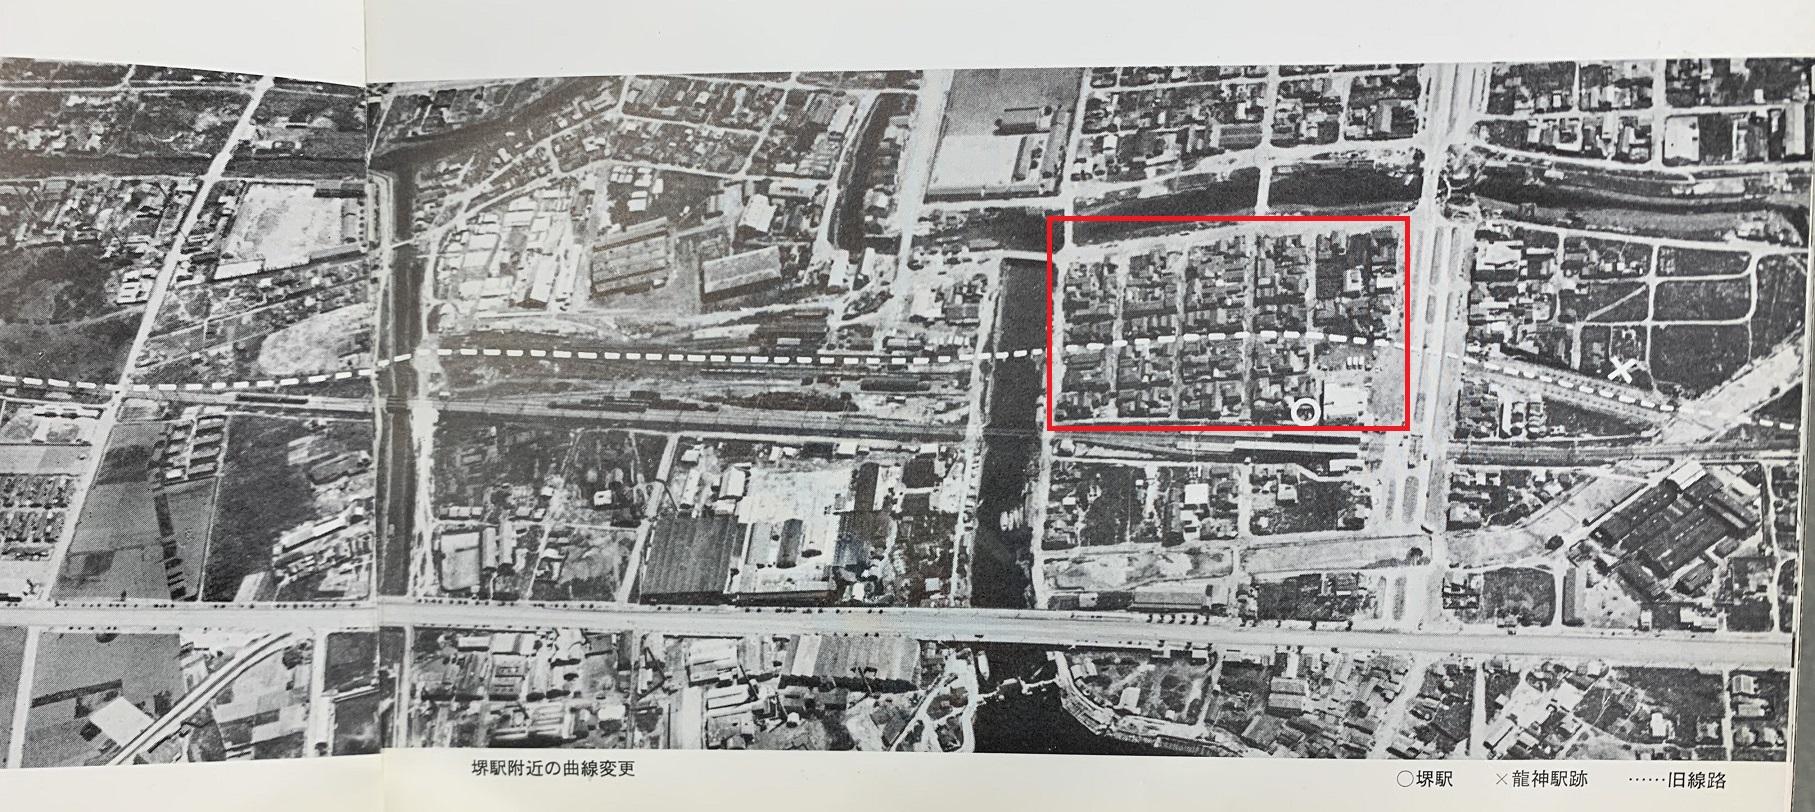 南海本線堺駅付近の路線変更図『南海70年のあゆみ』